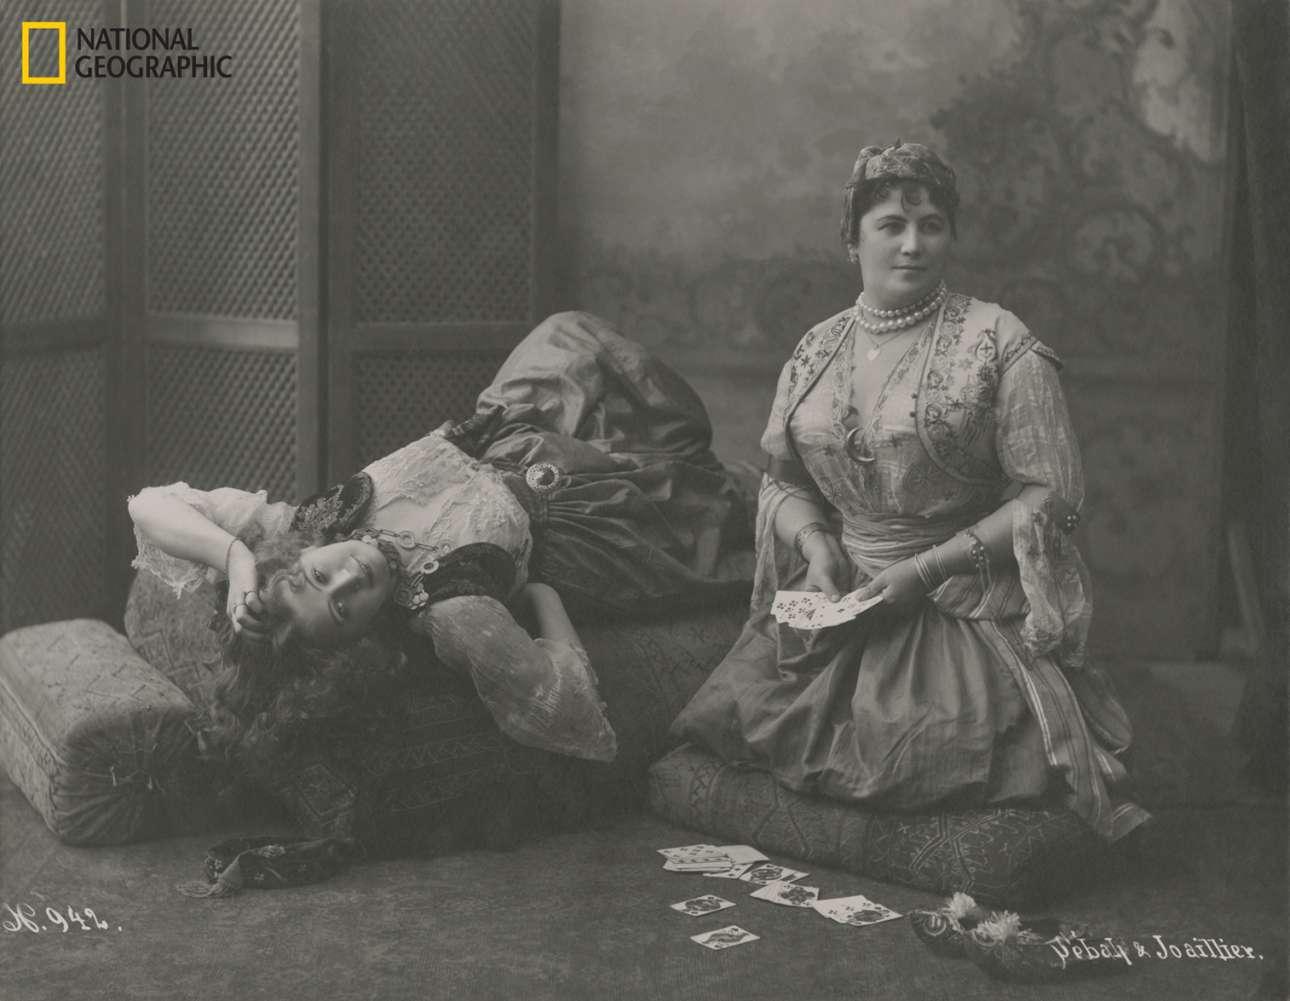 Δύο οδαλίσκες, μέλη του χαρεμιού του Οθωμανού σουλτάνου, παίζουν μία παρτίδα χαρτιά στην Τουρκία